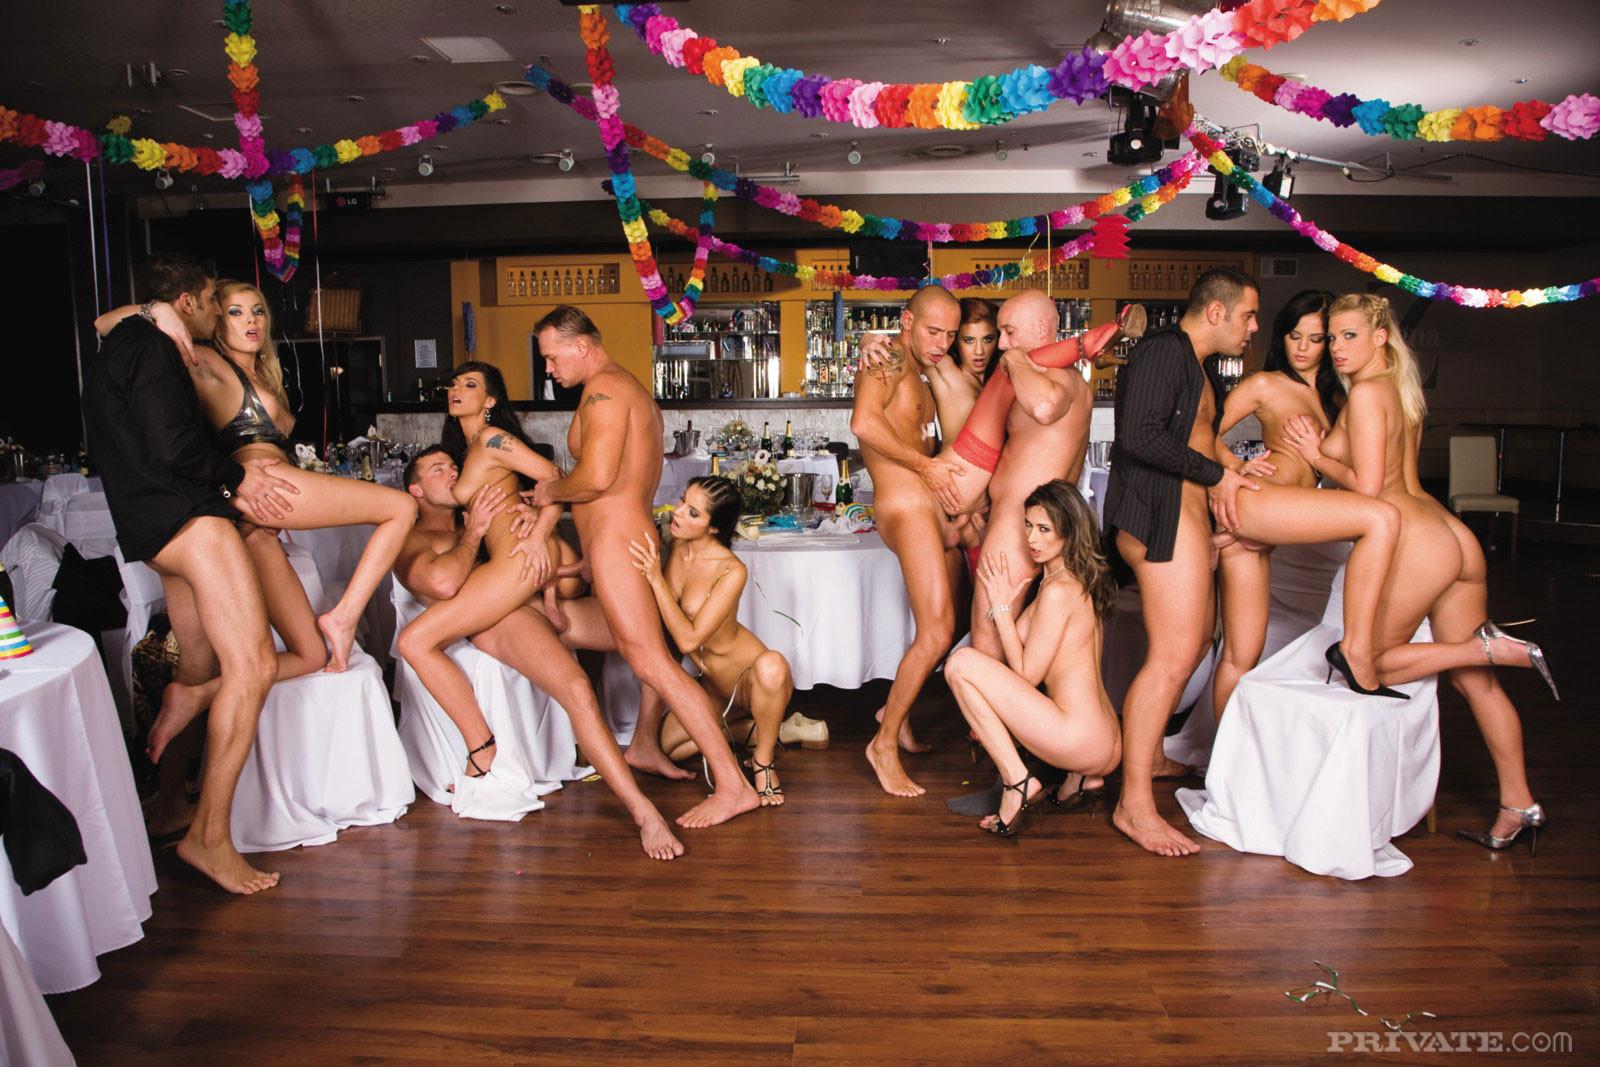 талантливая чешские пати в клубе свингеров смотреть в хорошем качестве маленькие голые сучки